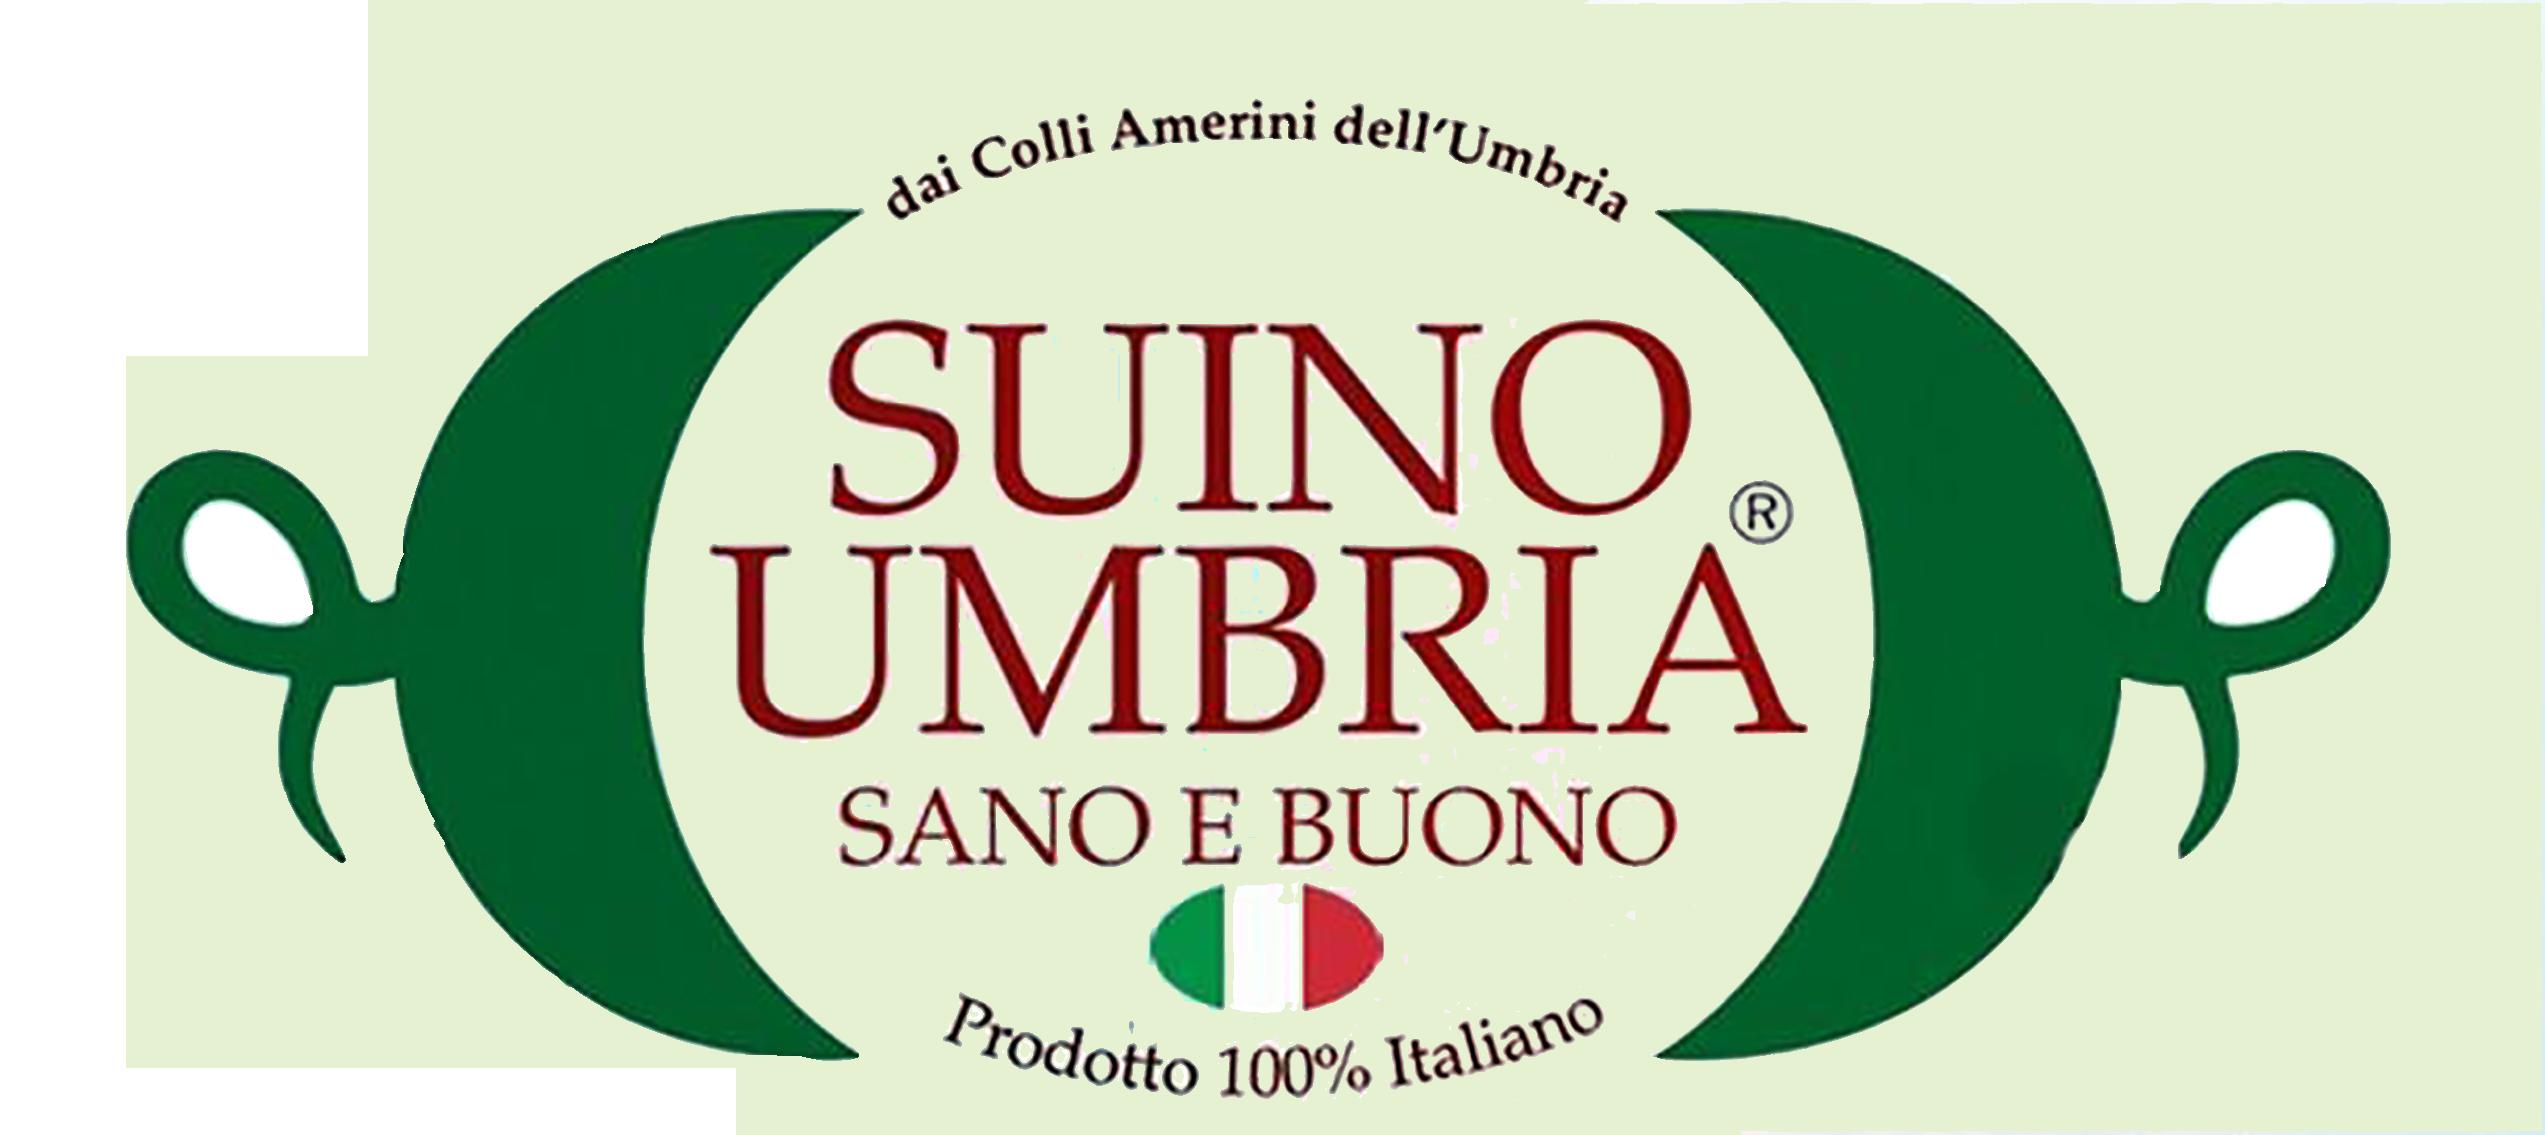 SUINO-UMBRIA